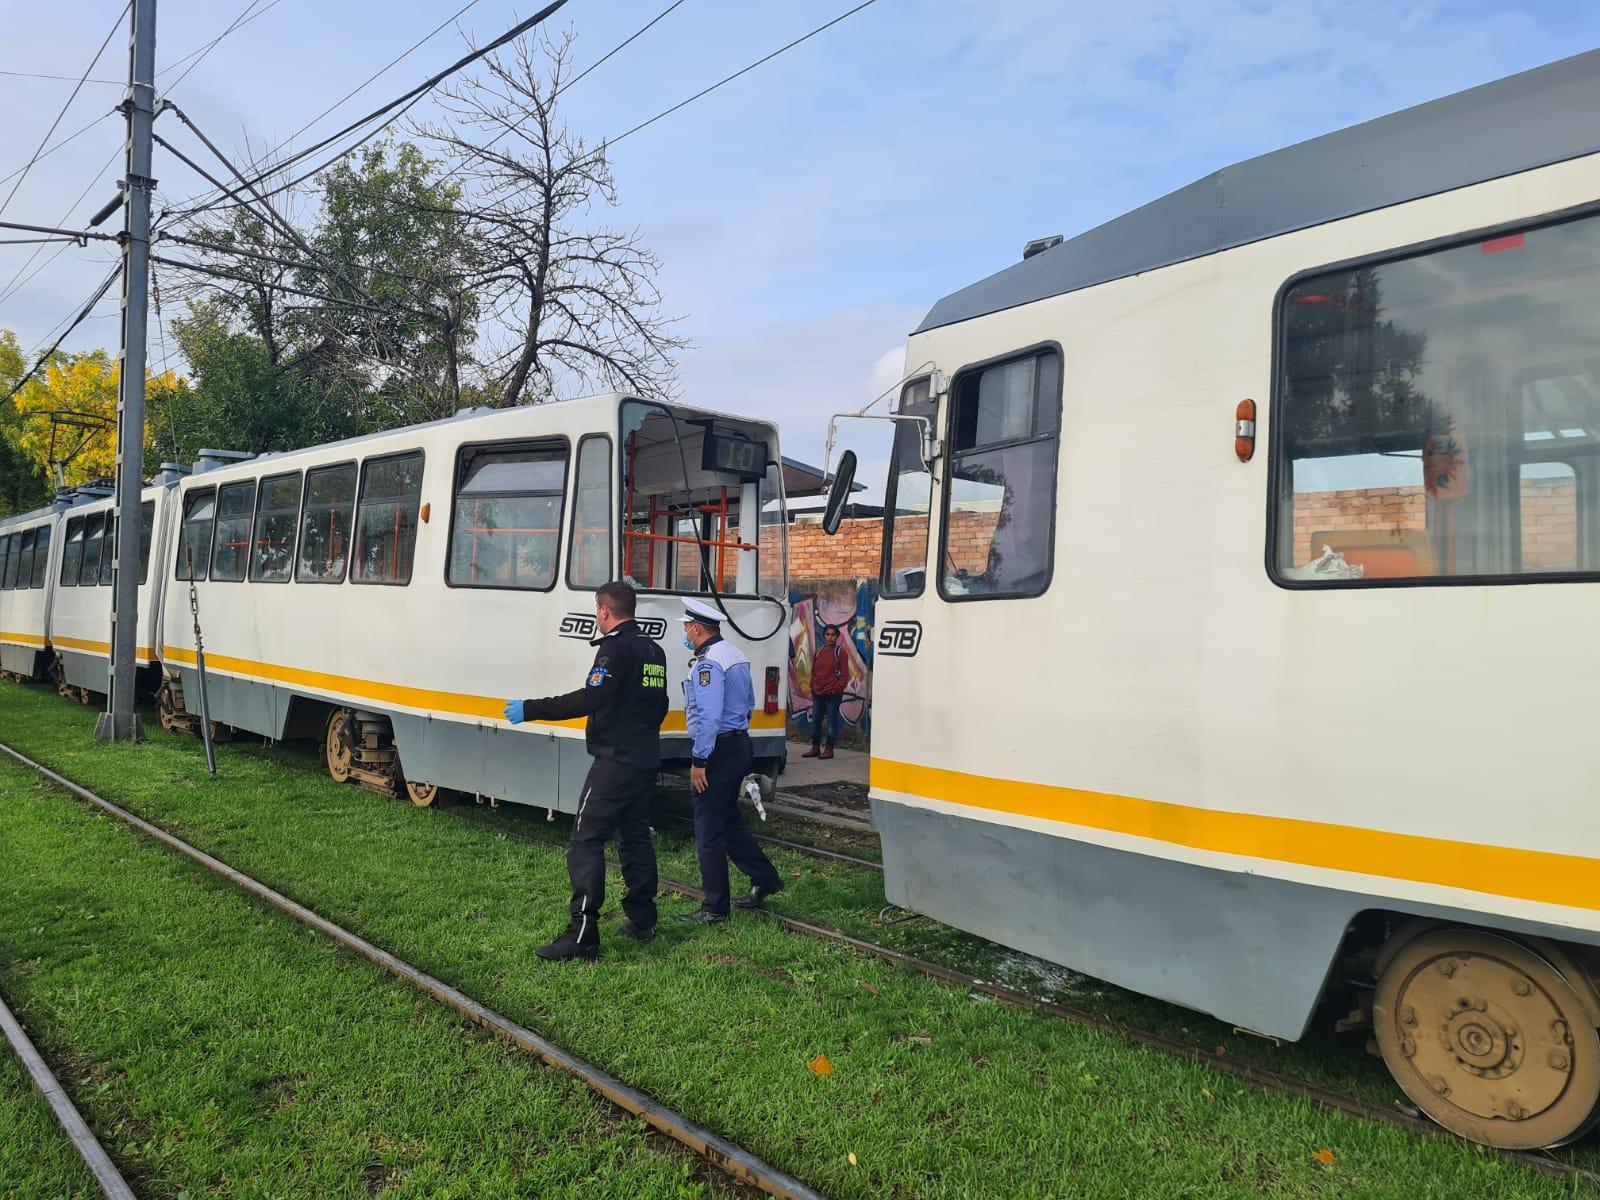 Două tramvaie aflate pe același sens de deplasare s-au ciocnit pe Șoseaua Progresului. Câte persoane au fost rănite